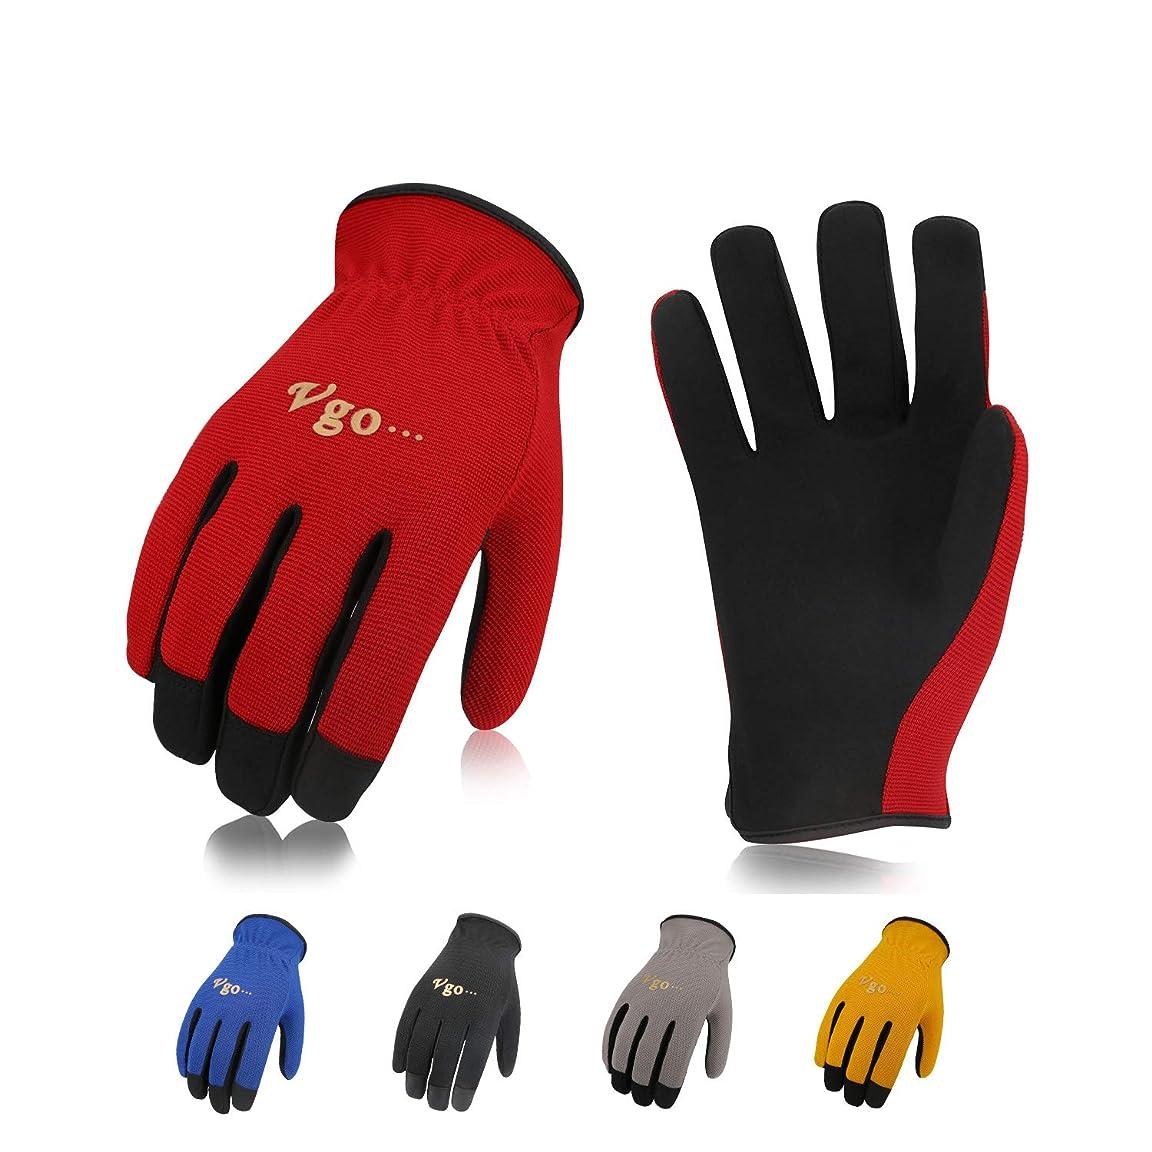 Vgo 5双入 合成革 薄手 背抜き 多目的 春秋用 薄手 作業グローブ 作業用革手袋(L,5 Colors/組,AL8736)